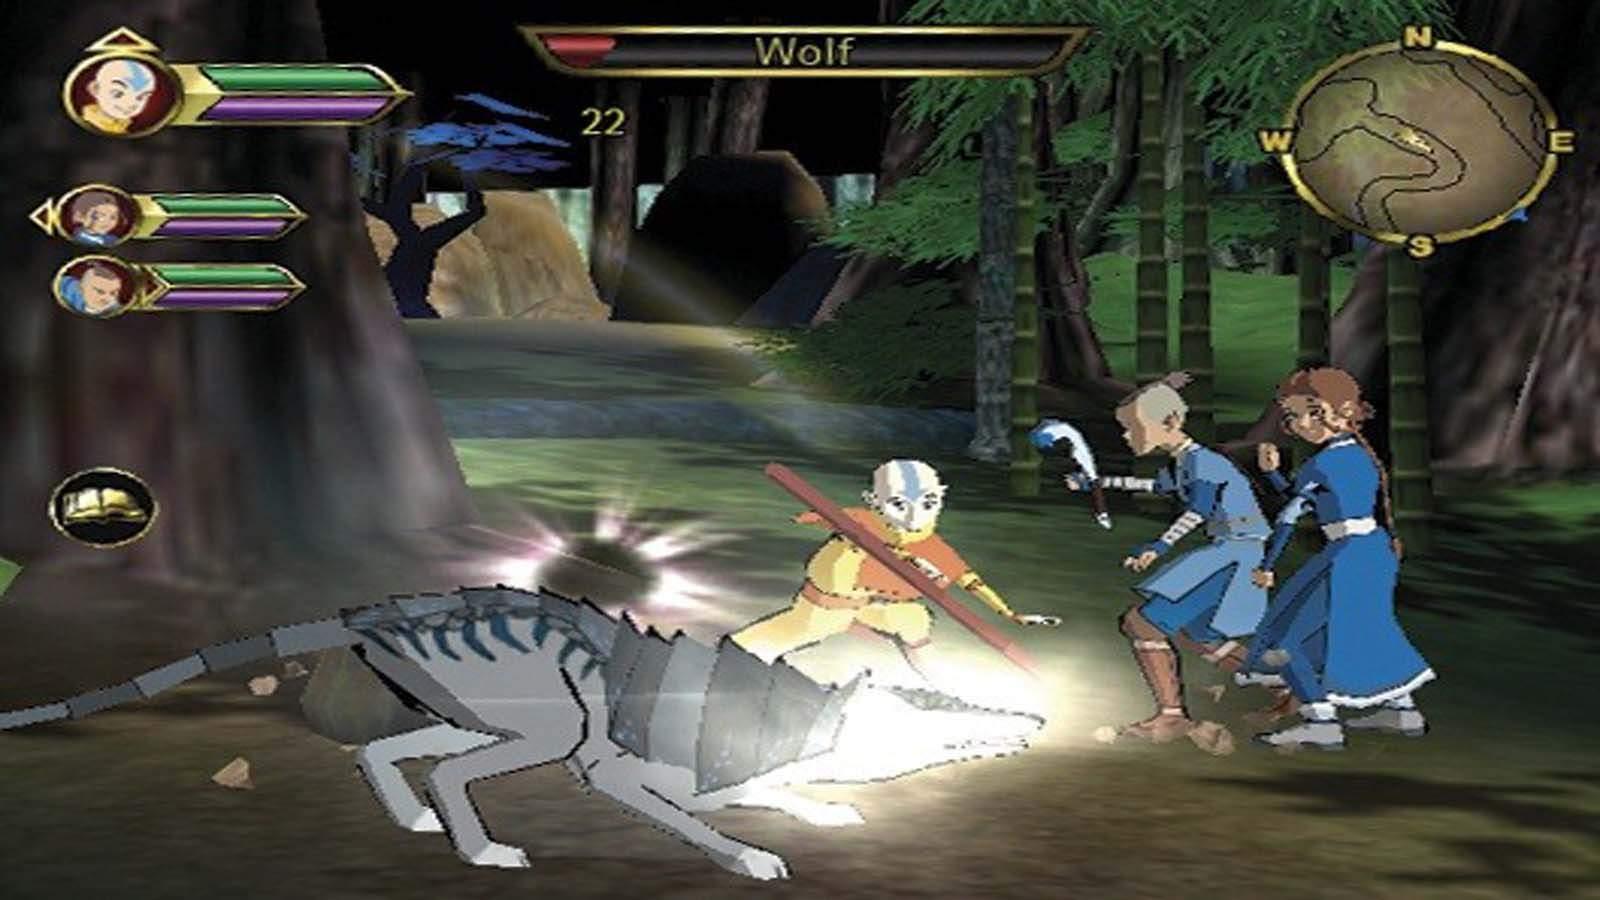 تحميل لعبة Avatar The Last Airbender مضغوطة برابط واحد مباشر + تورنت كاملة مجانا